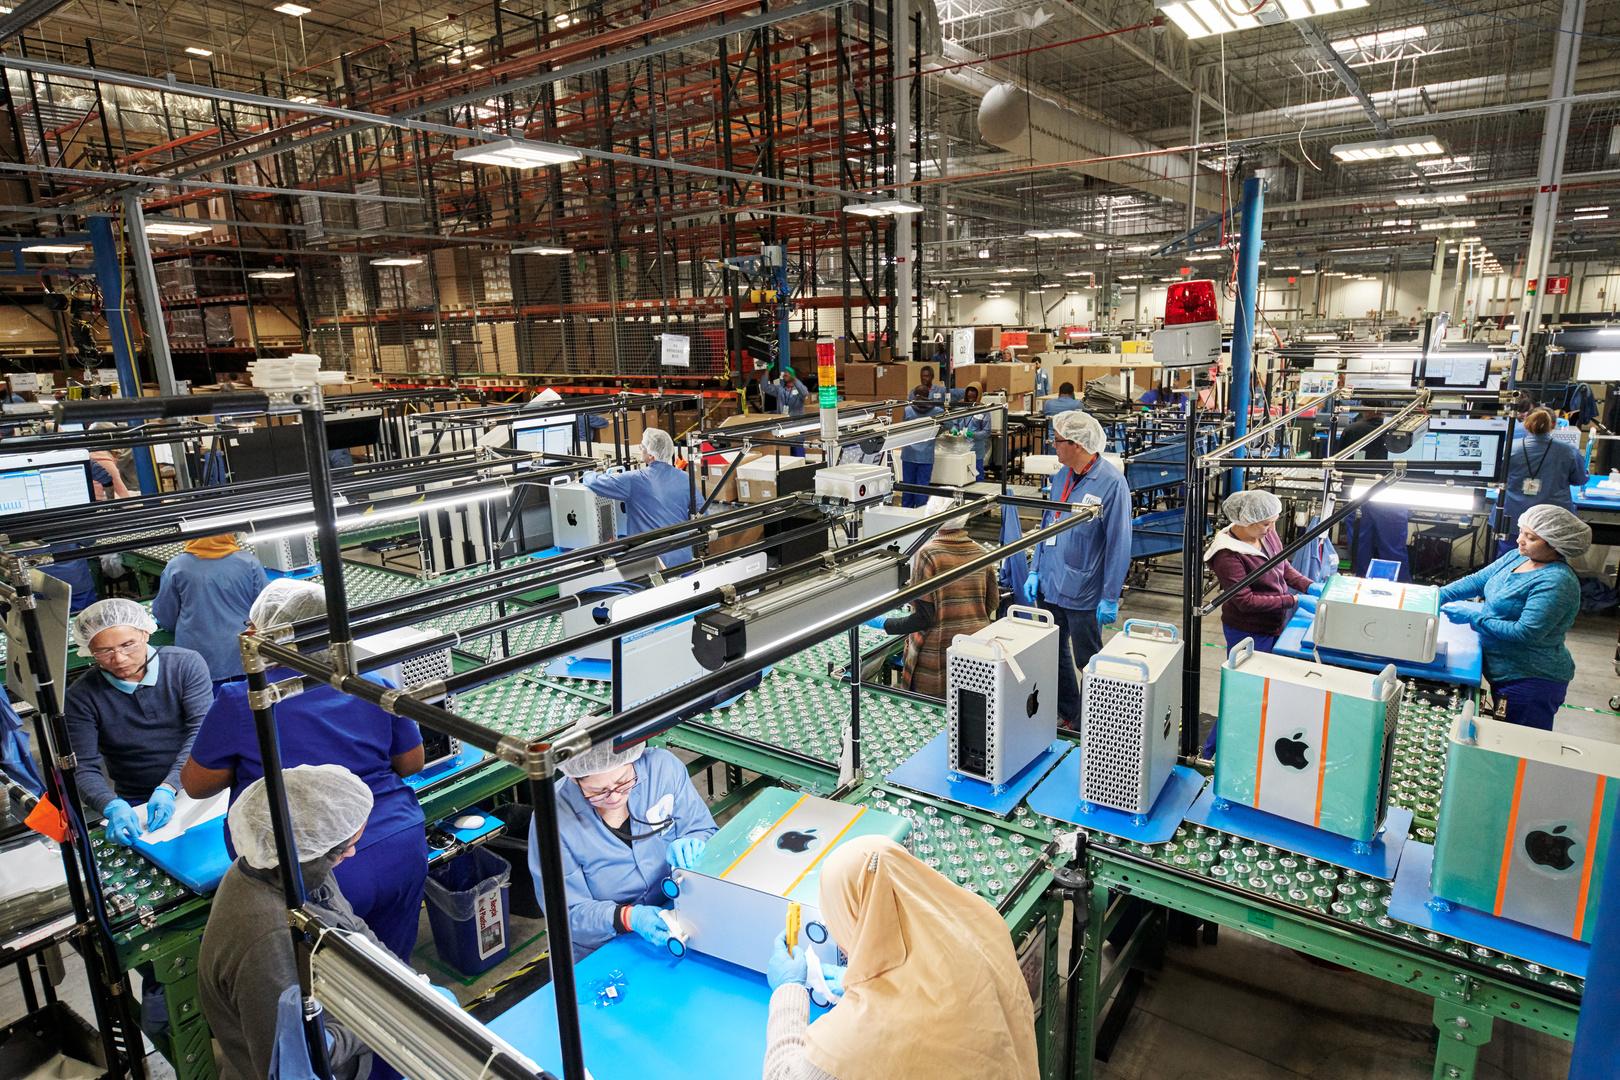 Aktuell montieren rund 500 Mitarbeiter den neuen Mac Pro in Austin, Texas